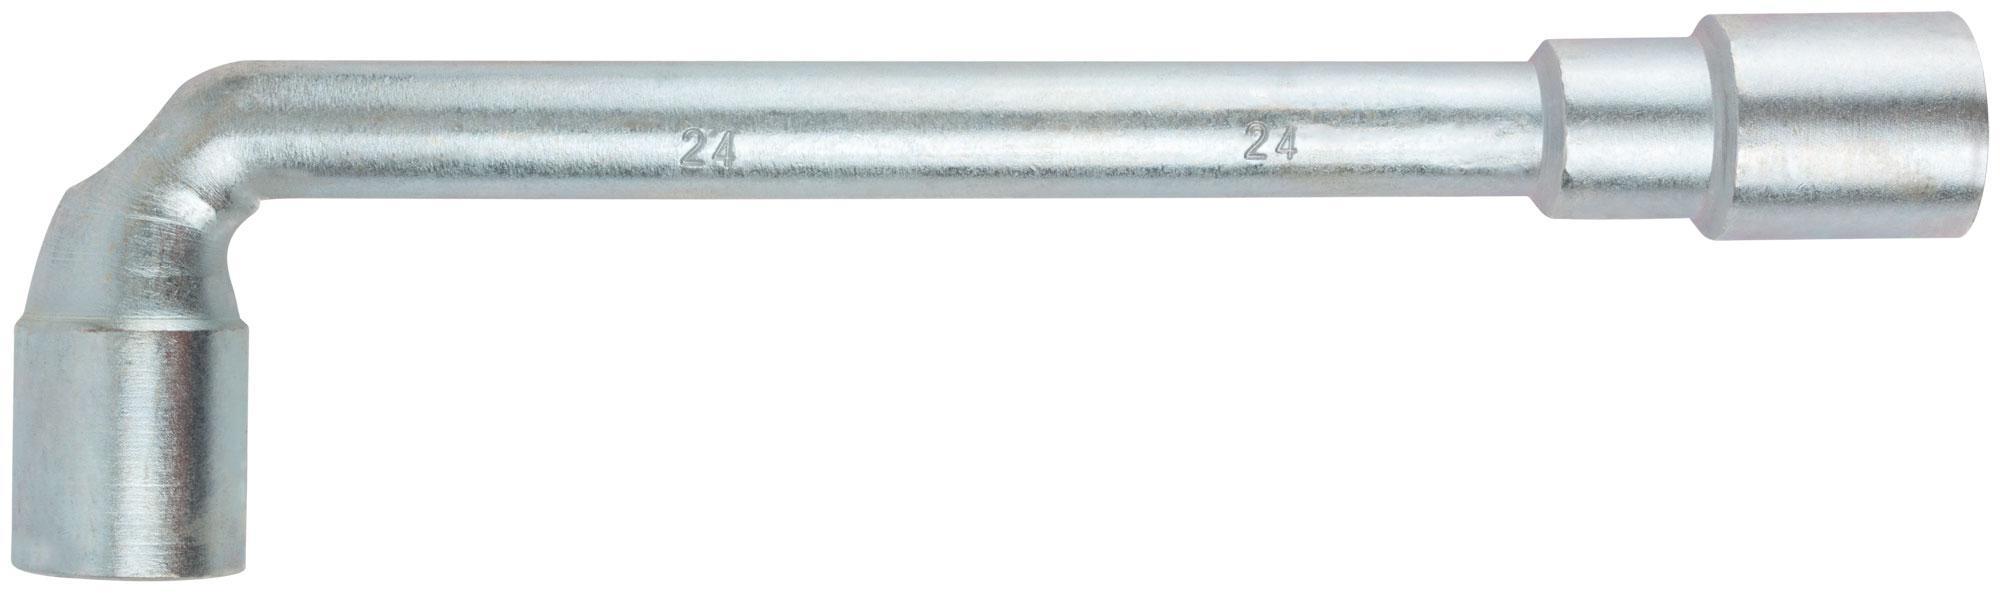 Ключ Fit 63024